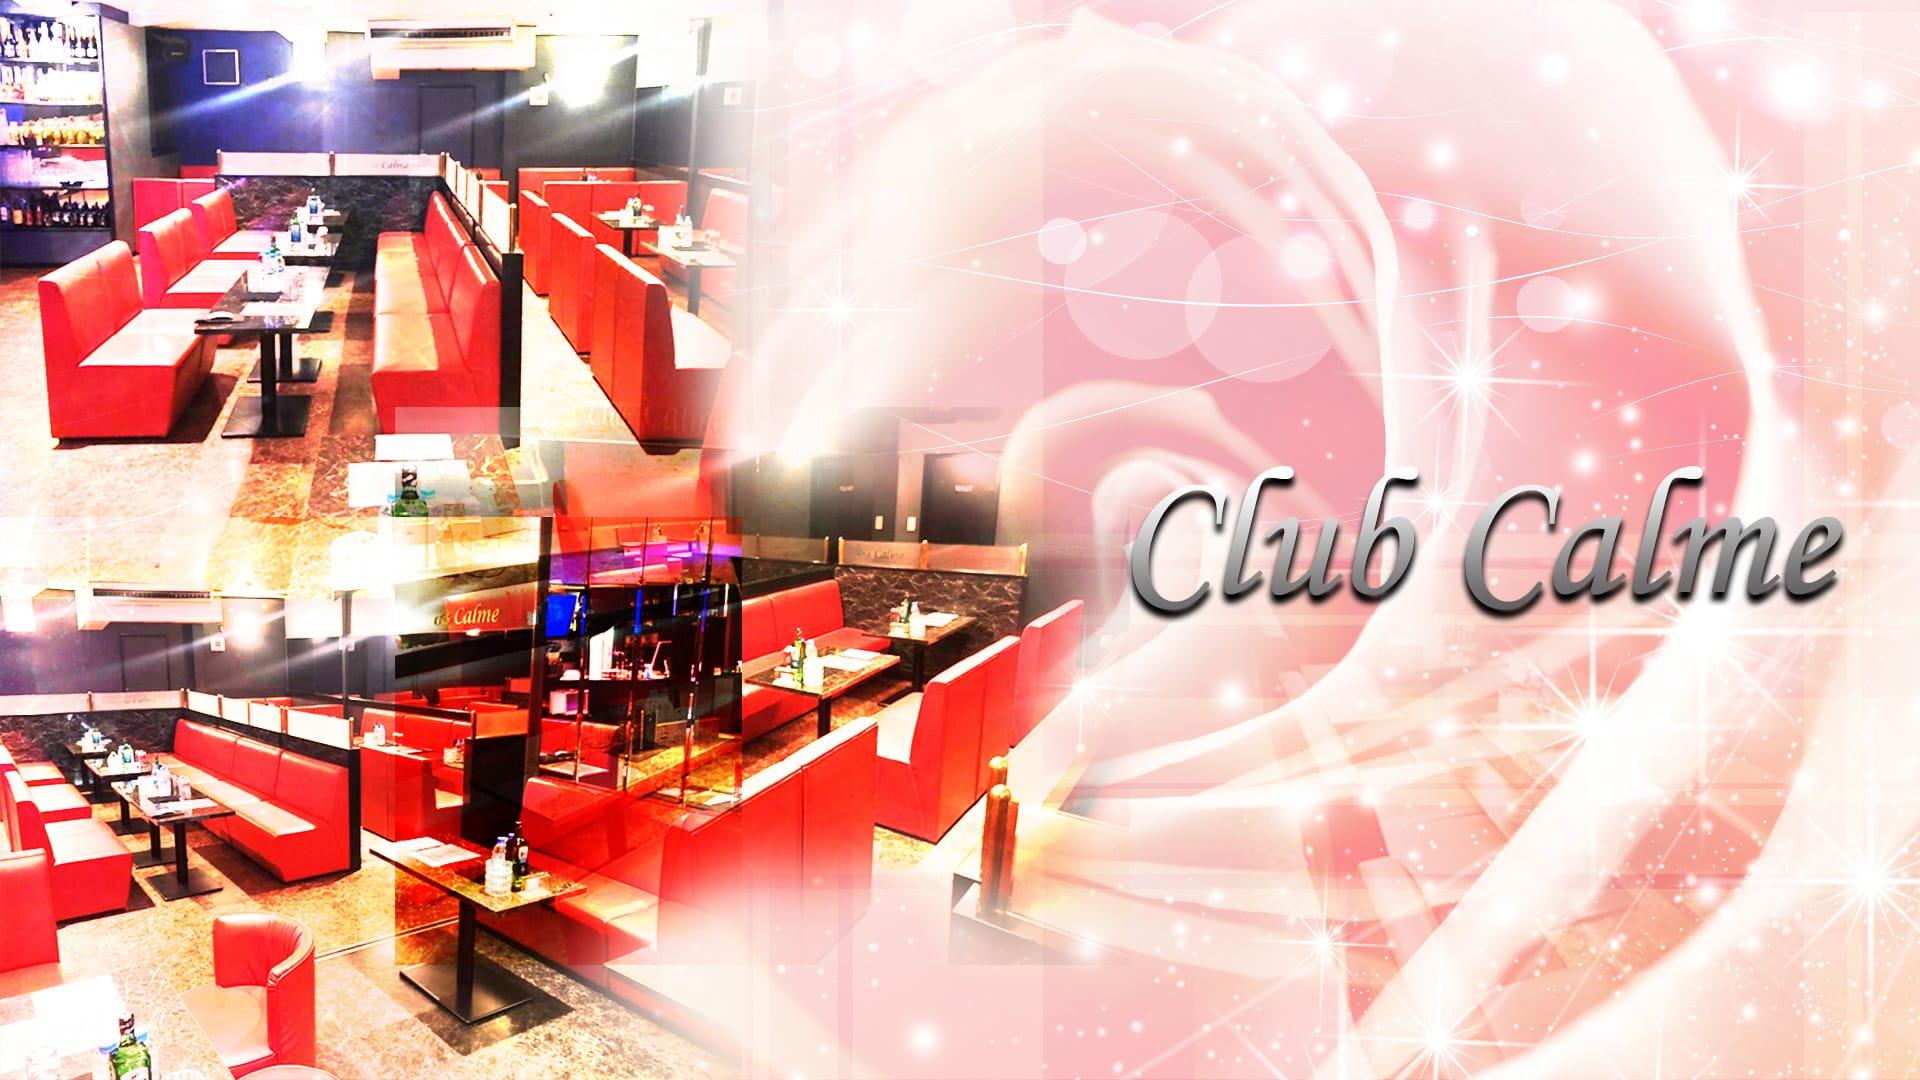 【木更津・君津・館山】Club Calme (カルム) 木更津キャバクラ TOP画像